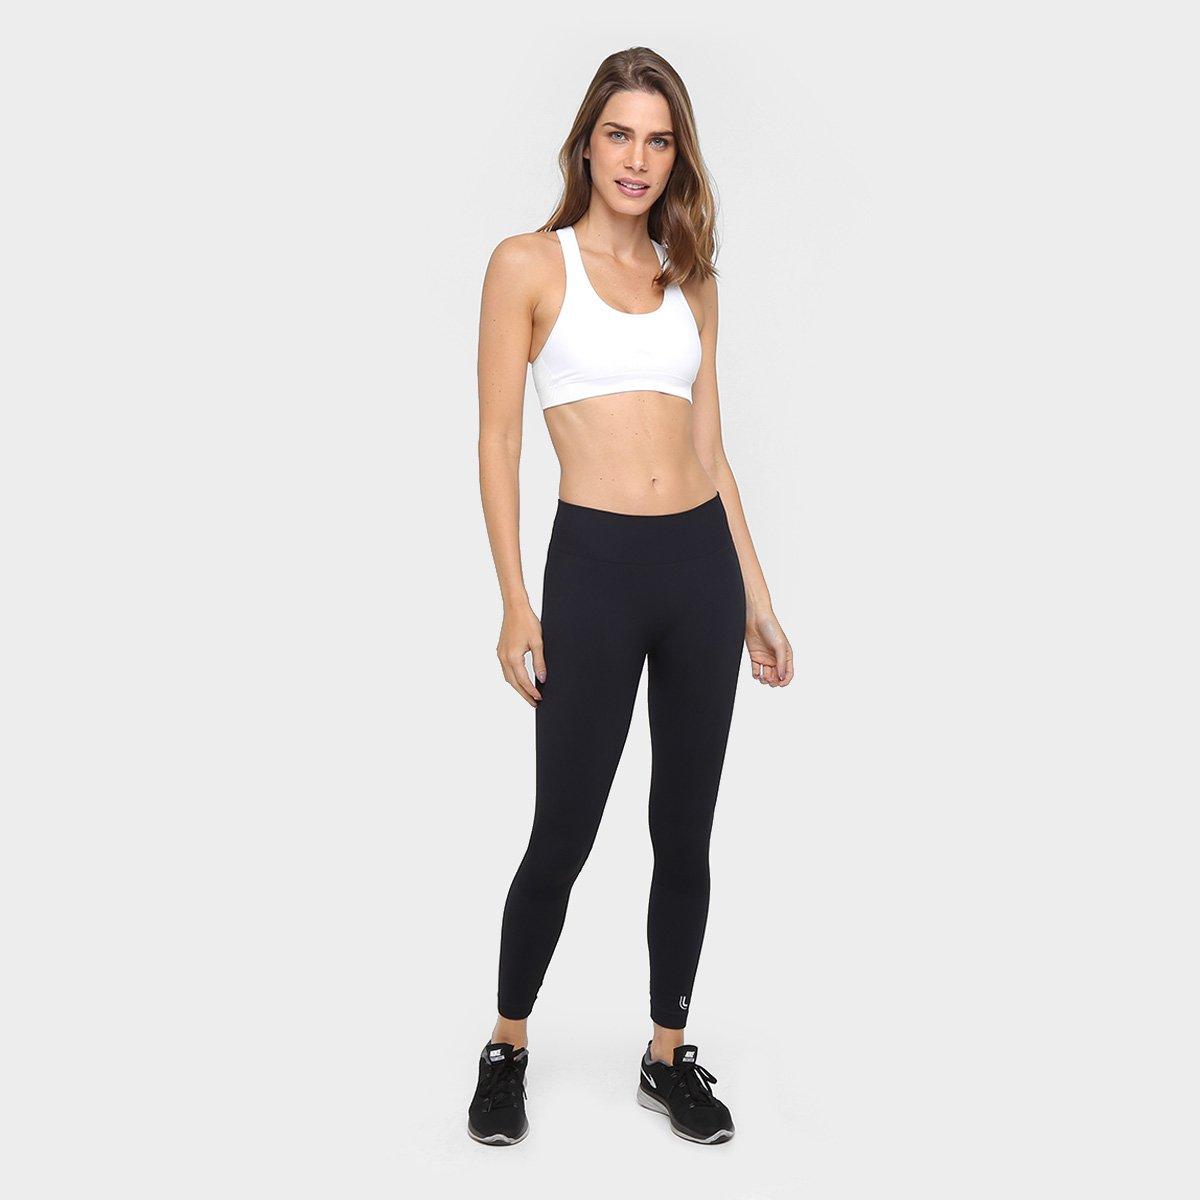 Calça Compressão Calça Run Preto X Lupo Sport de de Feminina Htdxaqq